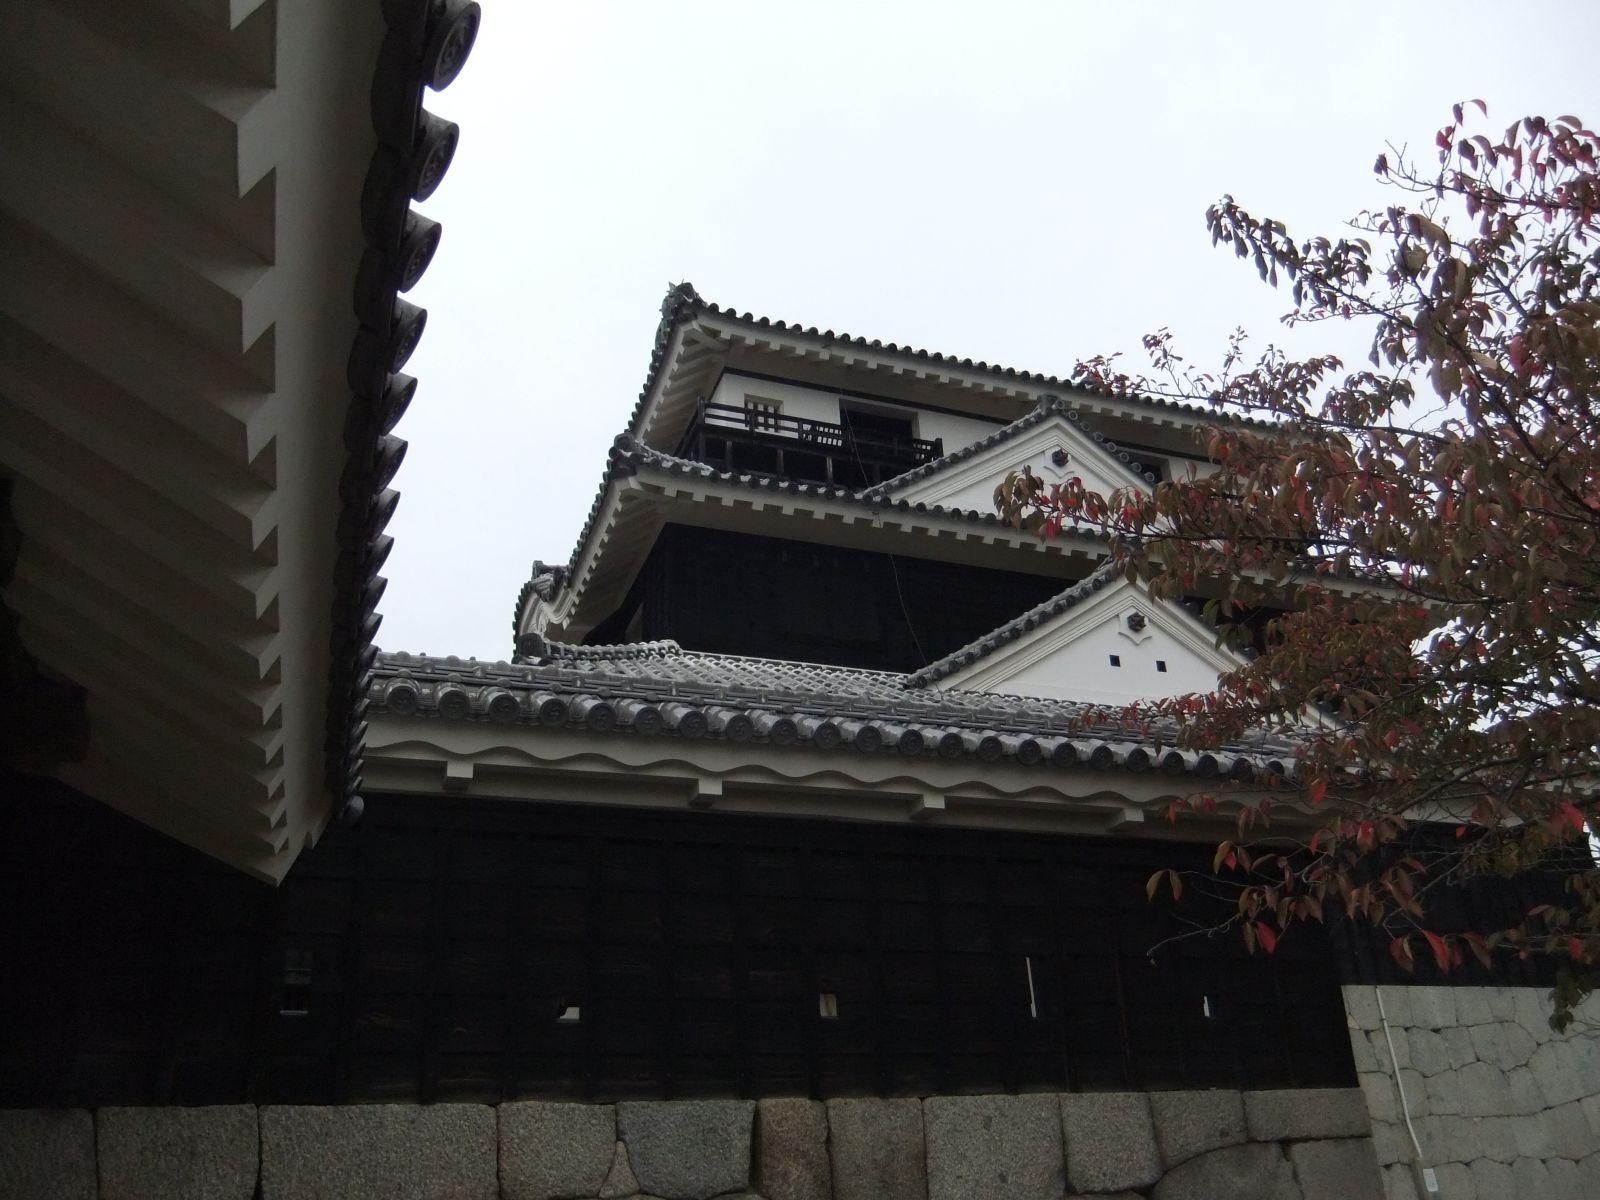 松山城(本丸本壇)の写真です。クリックすると拡大します。松山城(本丸本壇)の写真です。クリックすると拡大します。